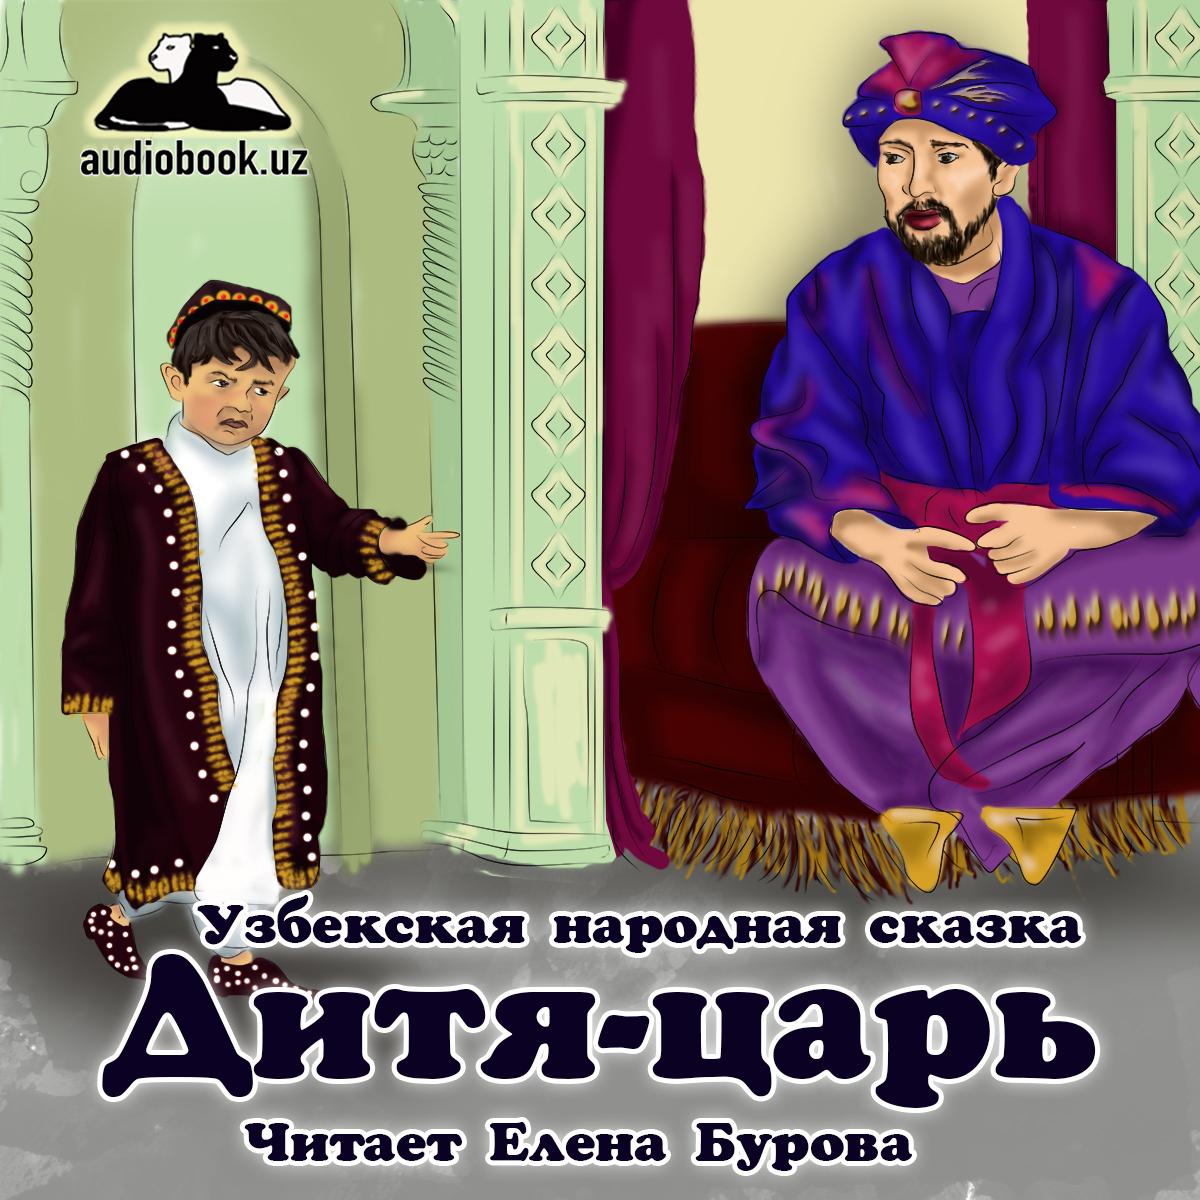 Обложка для аудиокниги